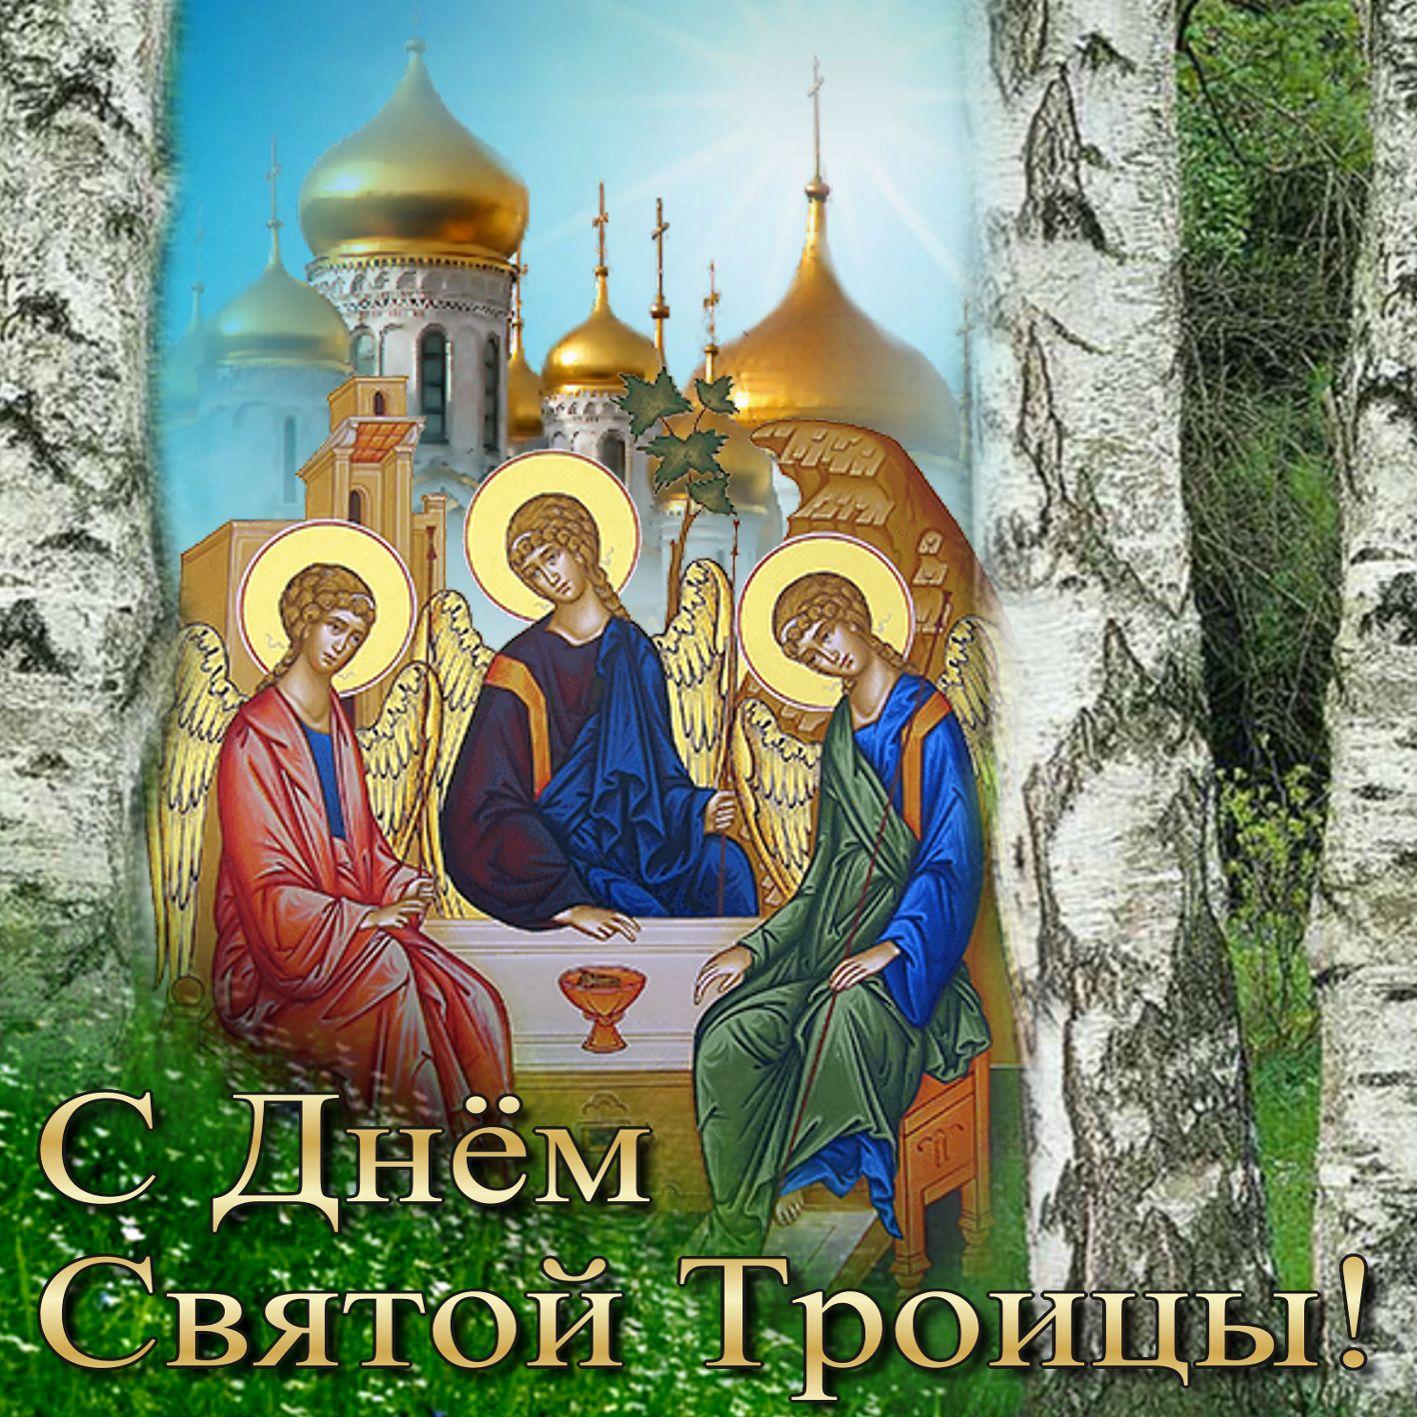 Картинки с троицей праздник